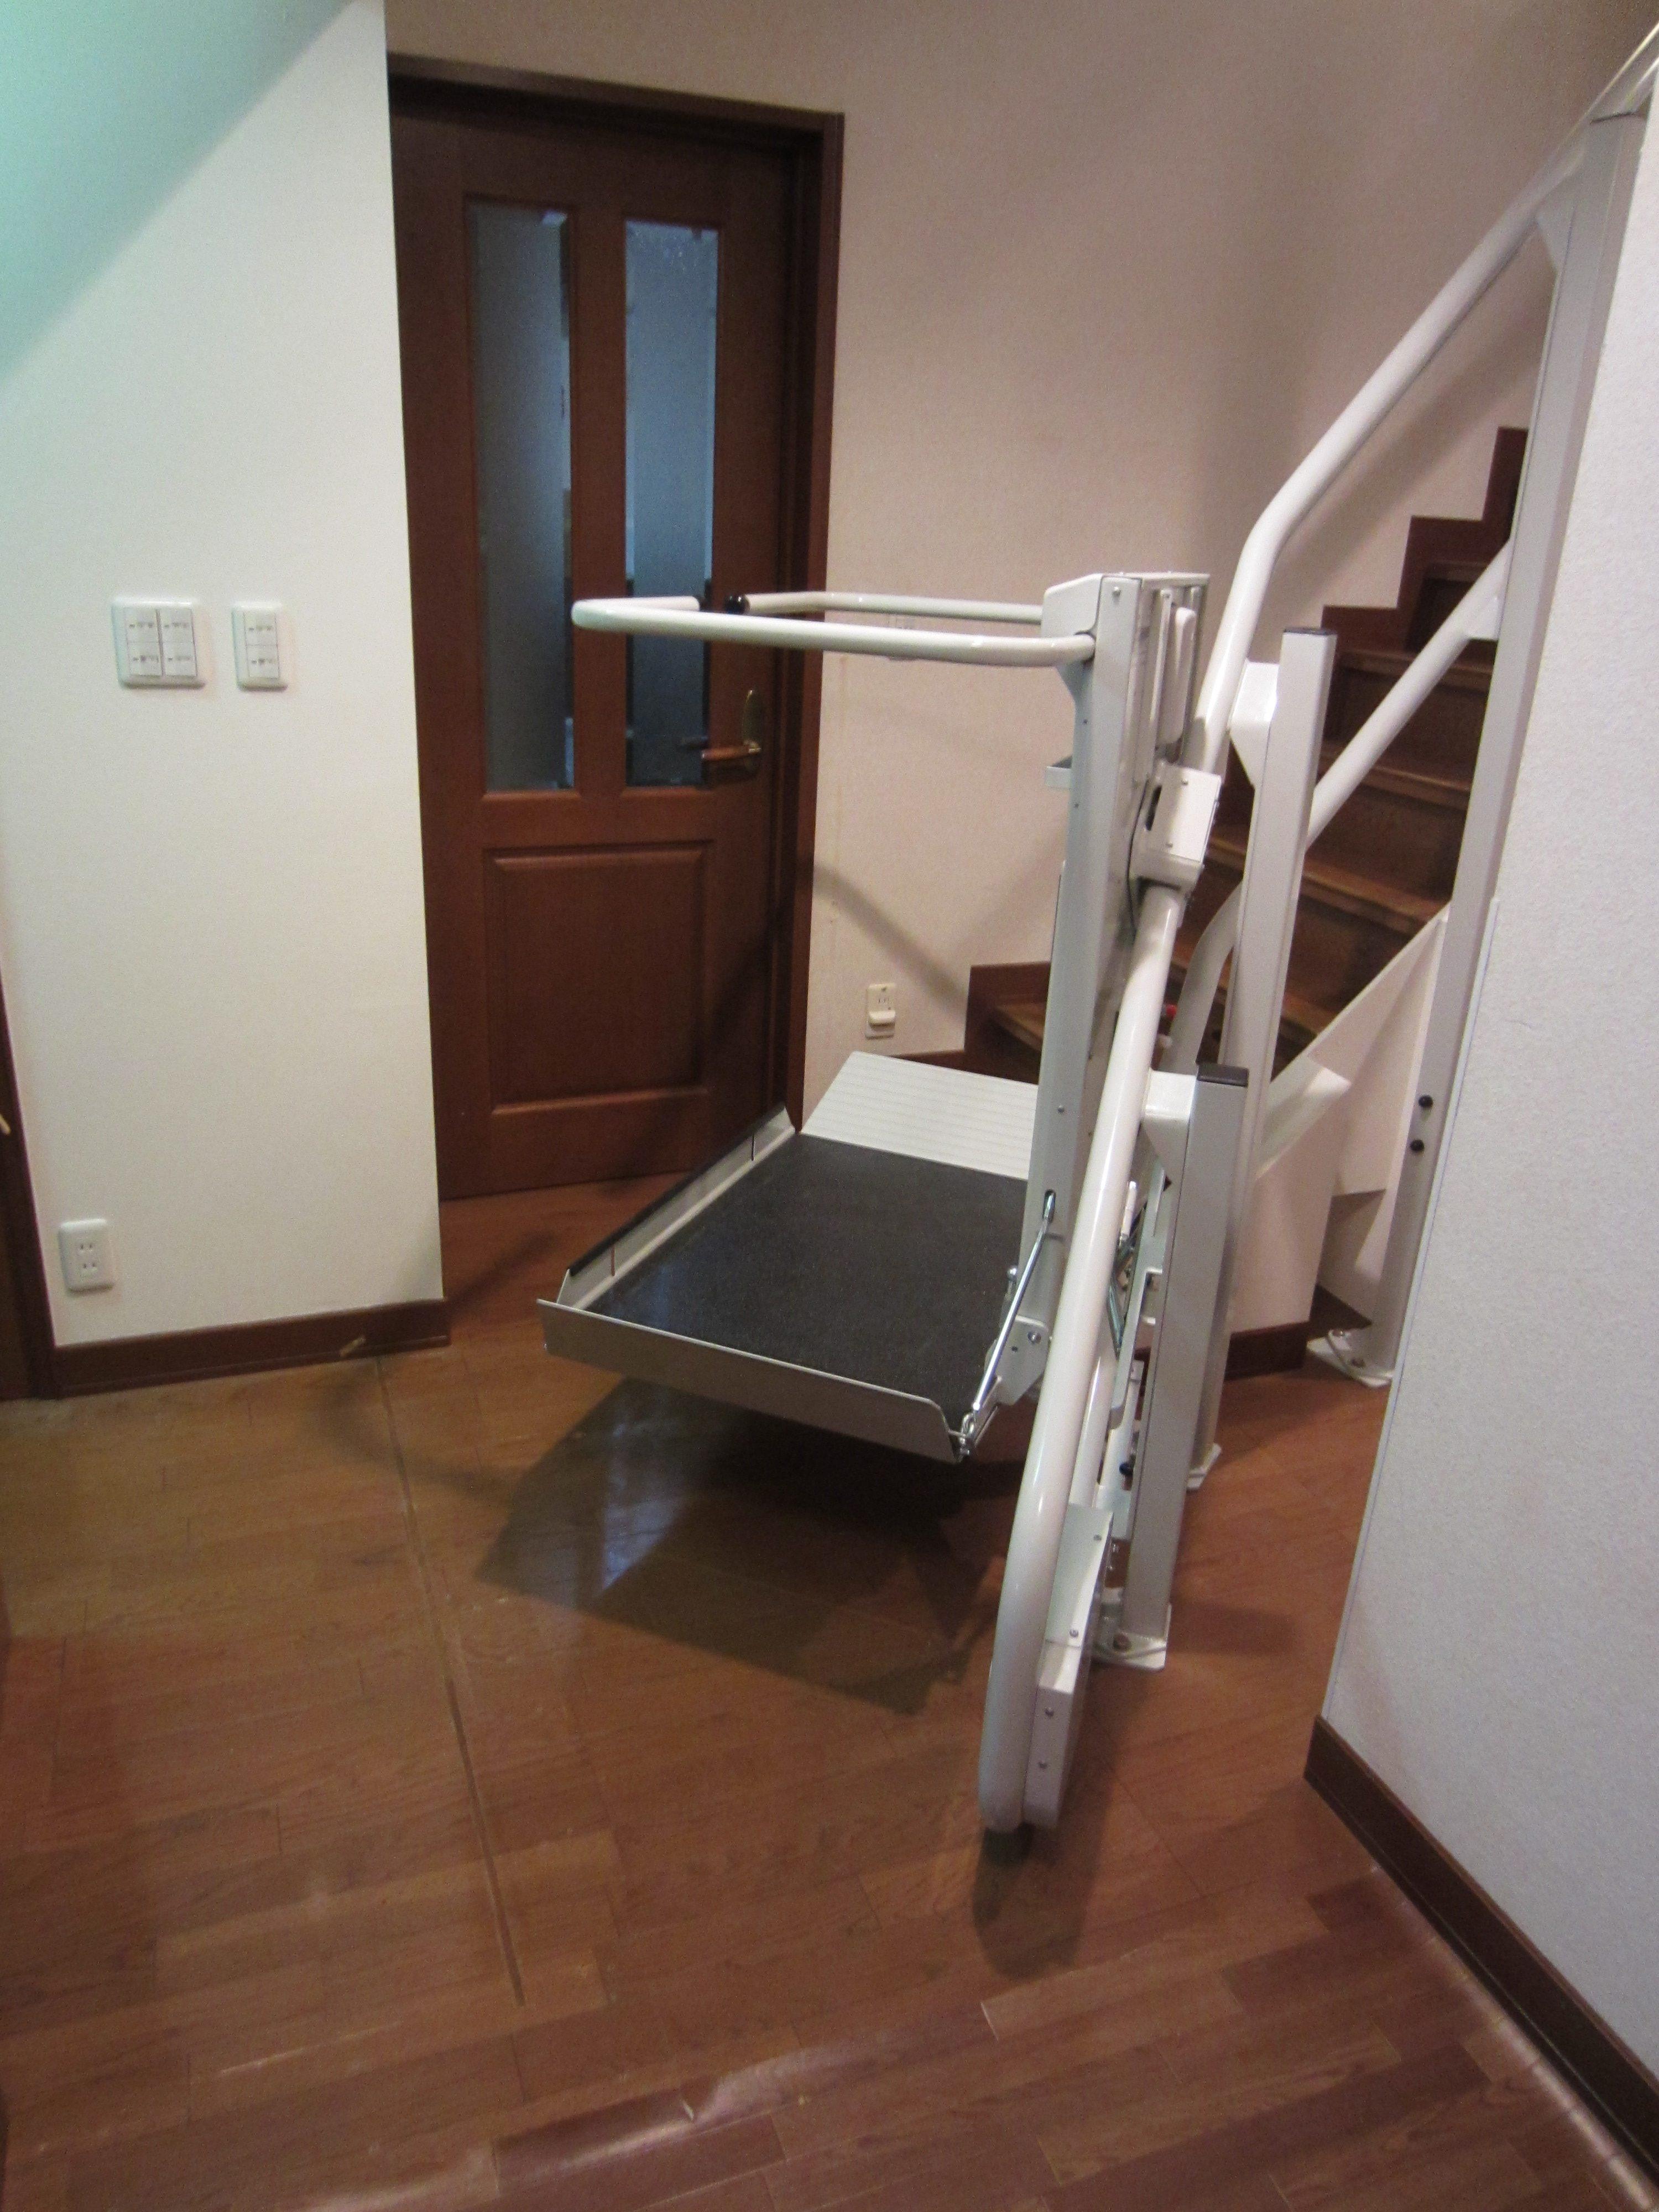 愛知県N様邸 車いすタイプ階段昇降機